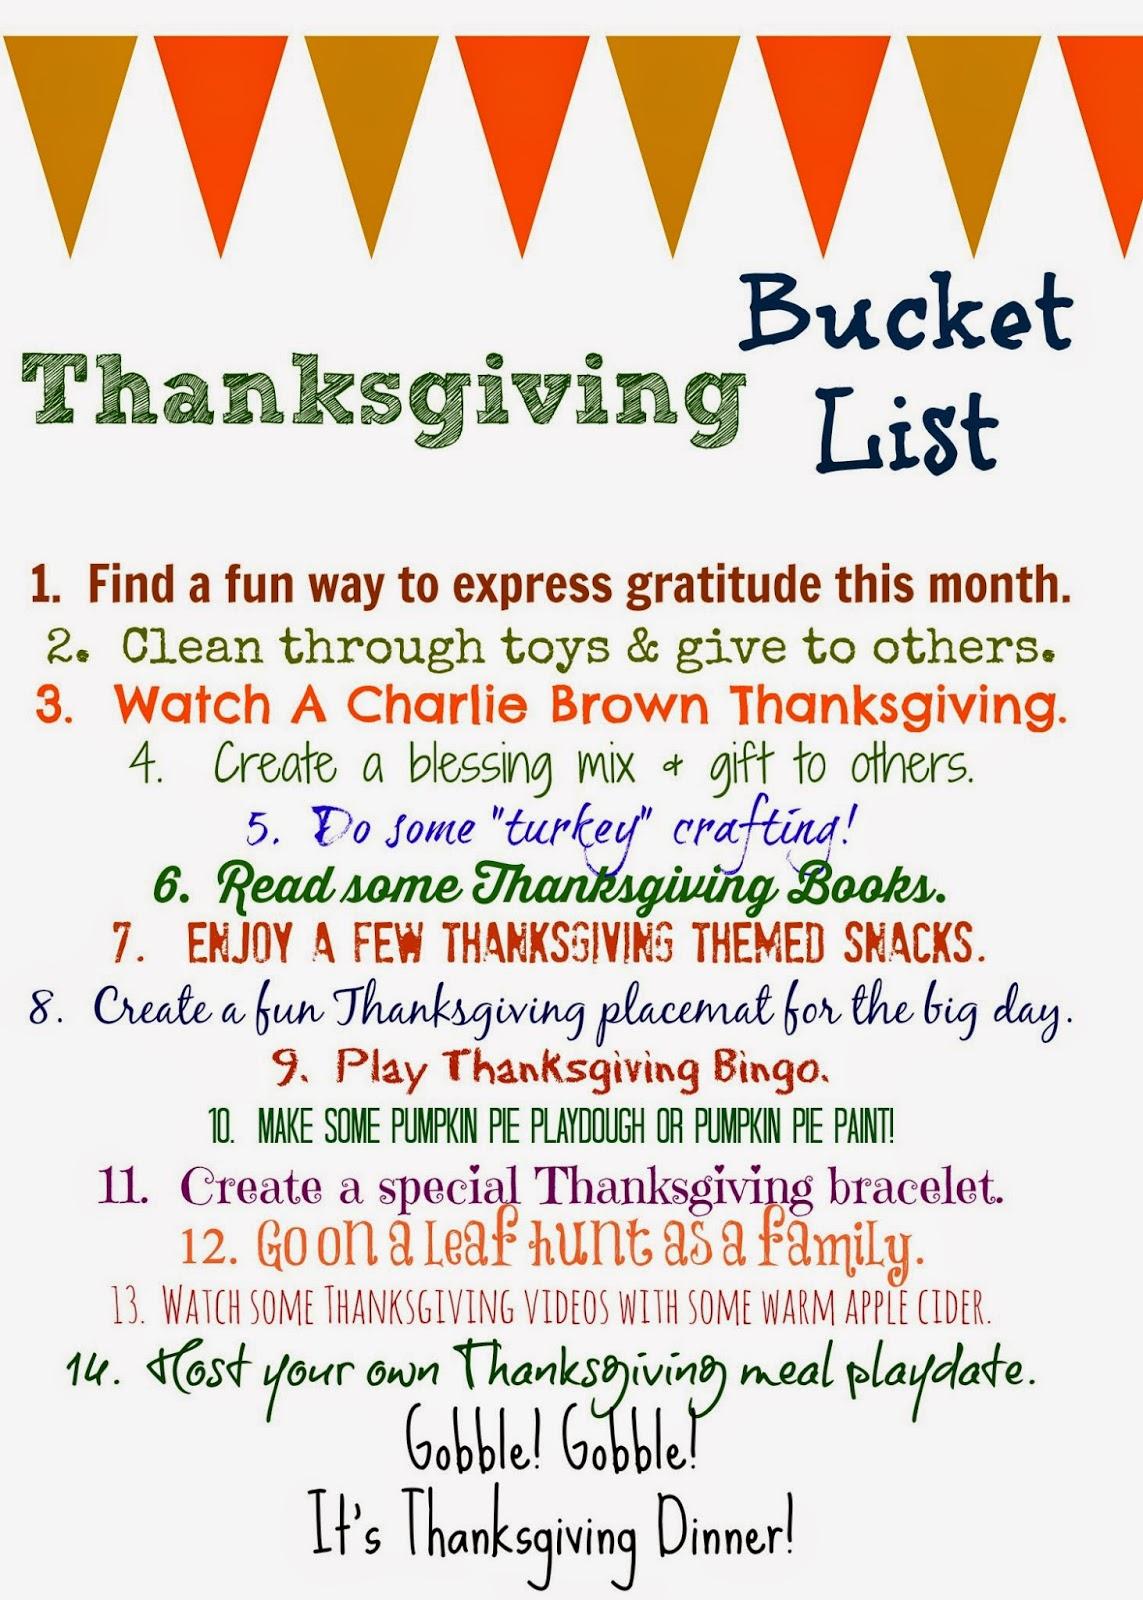 ThanksgivingBucketList